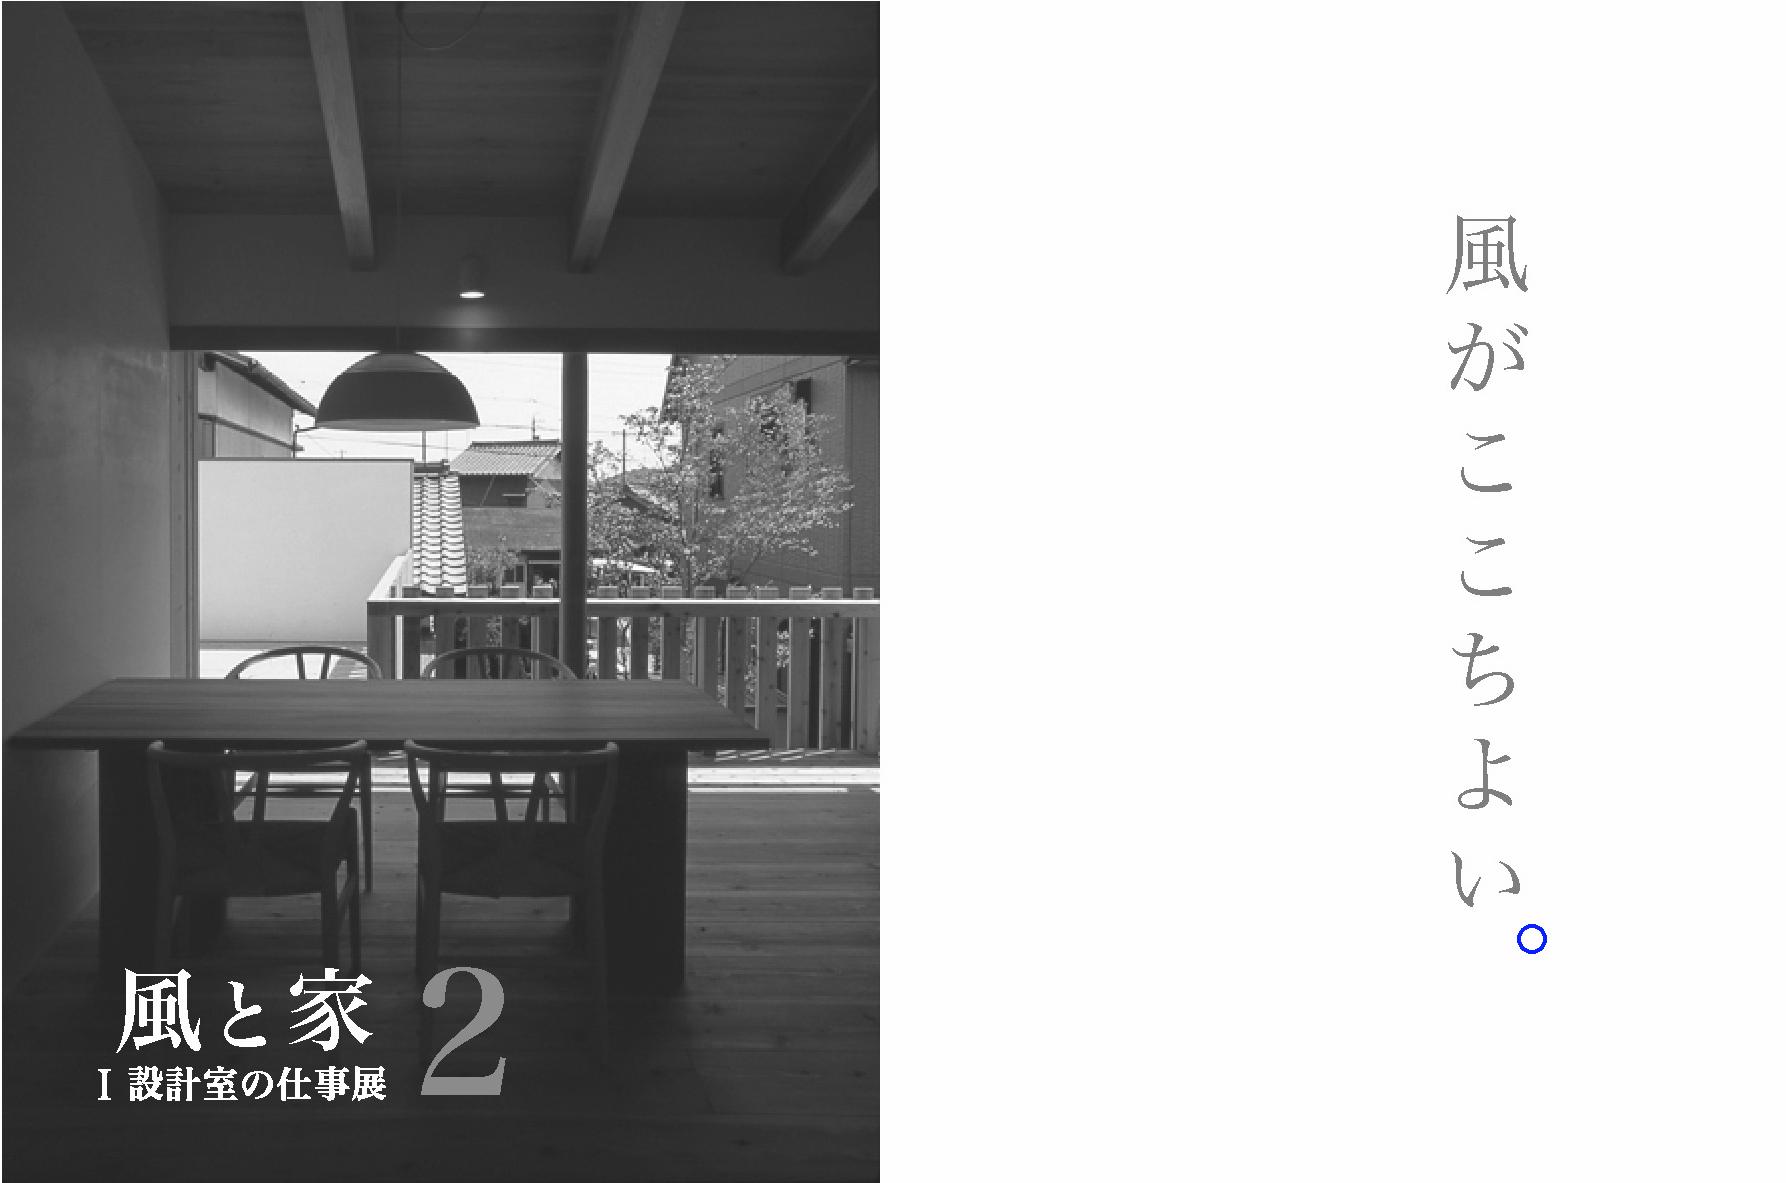 風と家 I設計室の仕事展 2_d0251191_142688.jpg